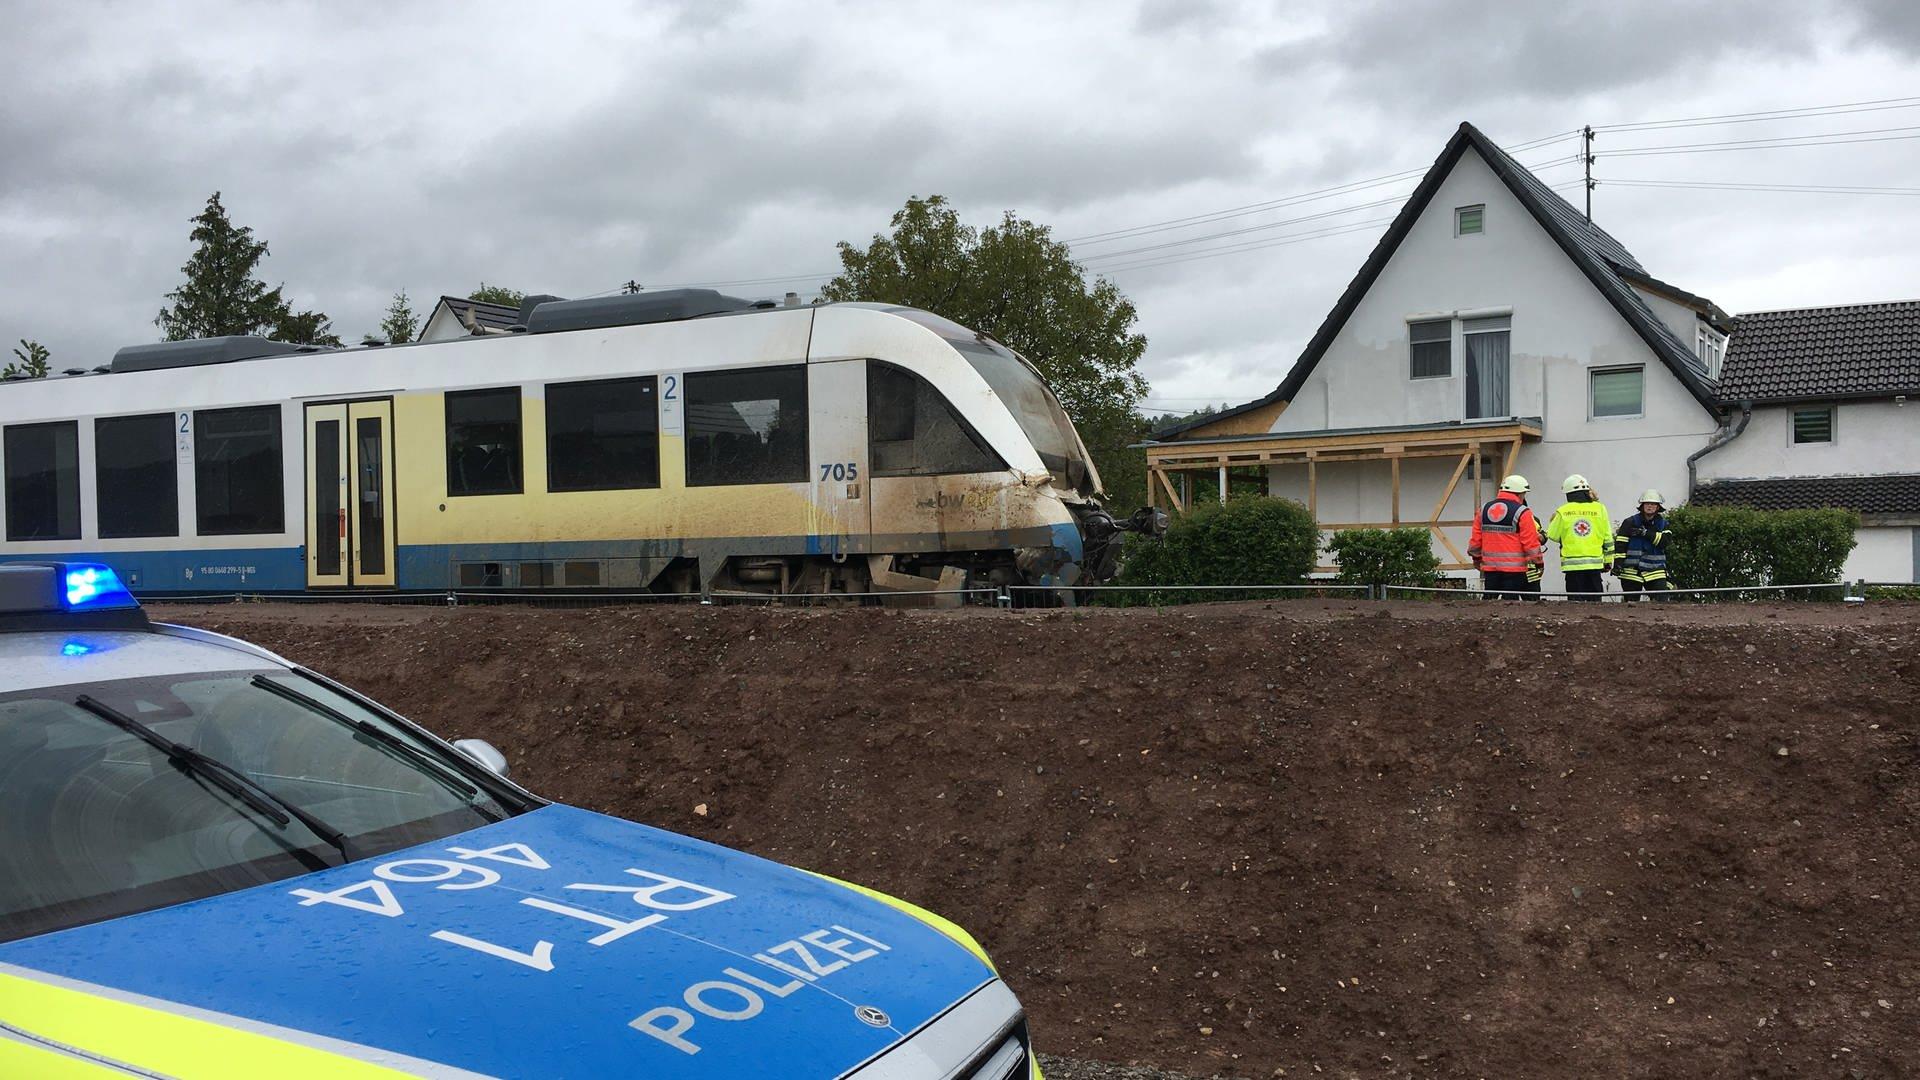 Im Tübinger Teilort Kilchberg ist ein Lastwagen mit einem Regionalexpress zusammengestoßen.